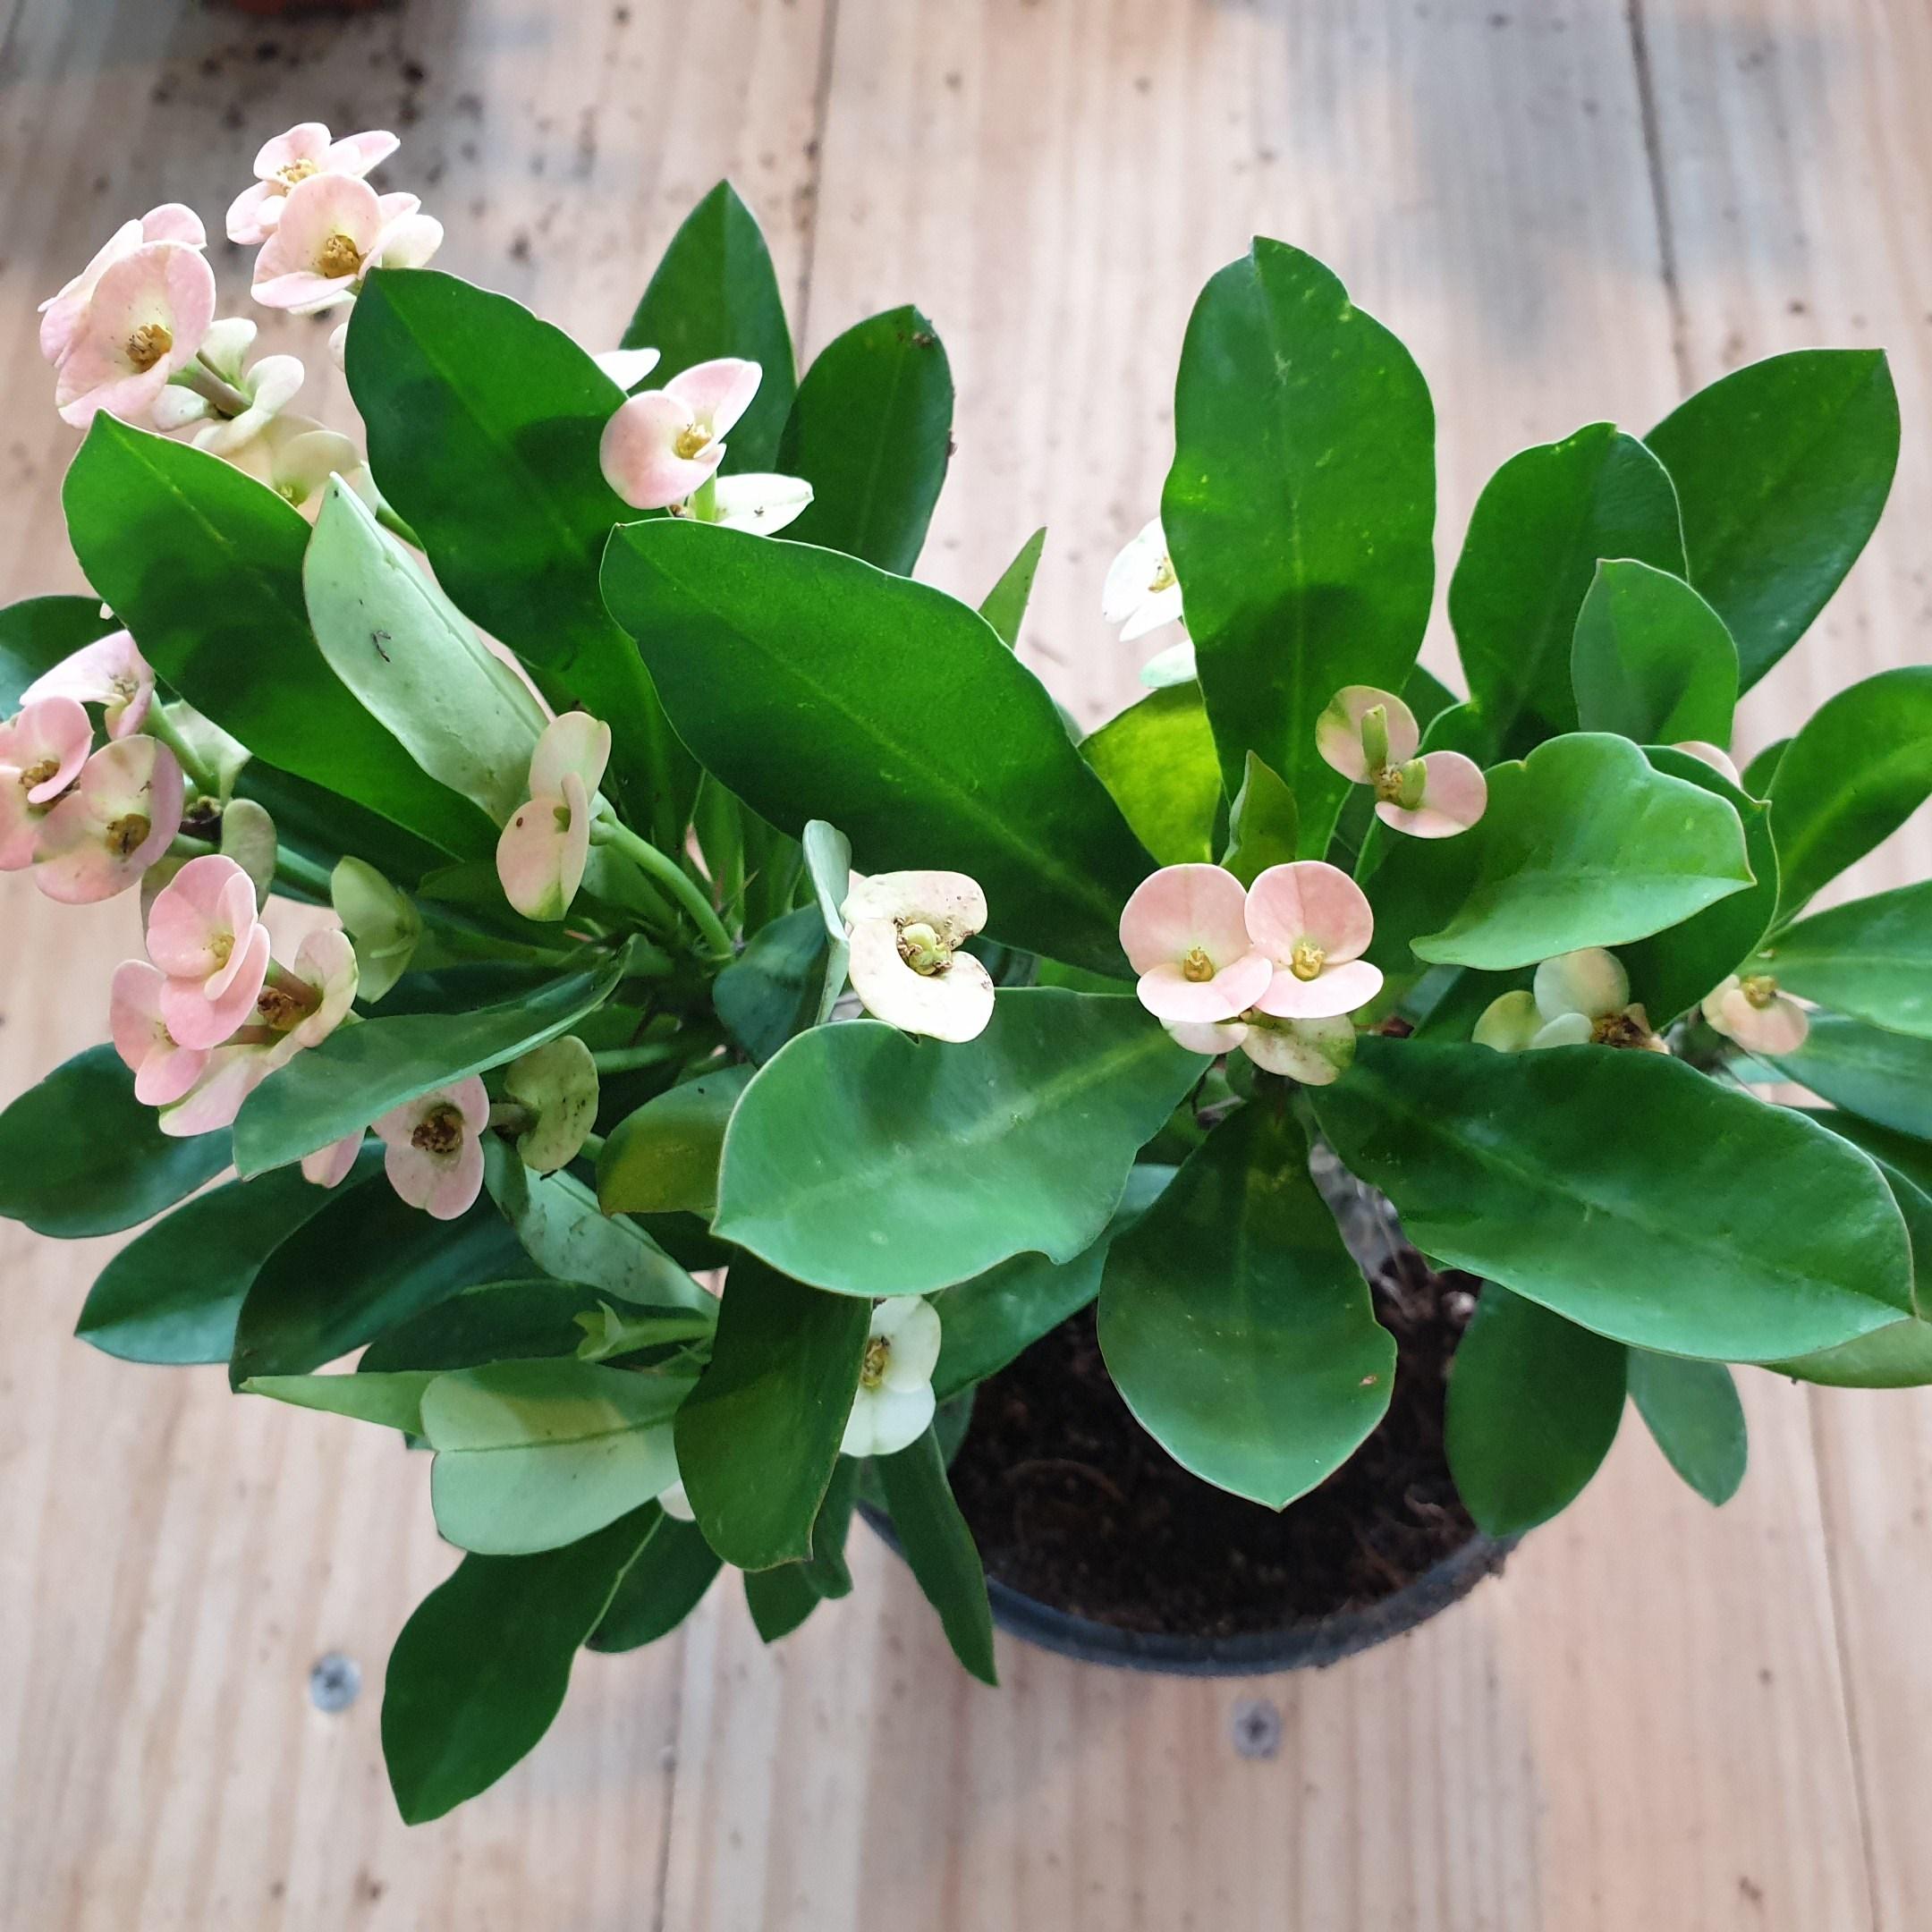 인플랜츠카페 꽃기린 핑크 사계절꽃 공기정화식물 반려식물플랜테리어